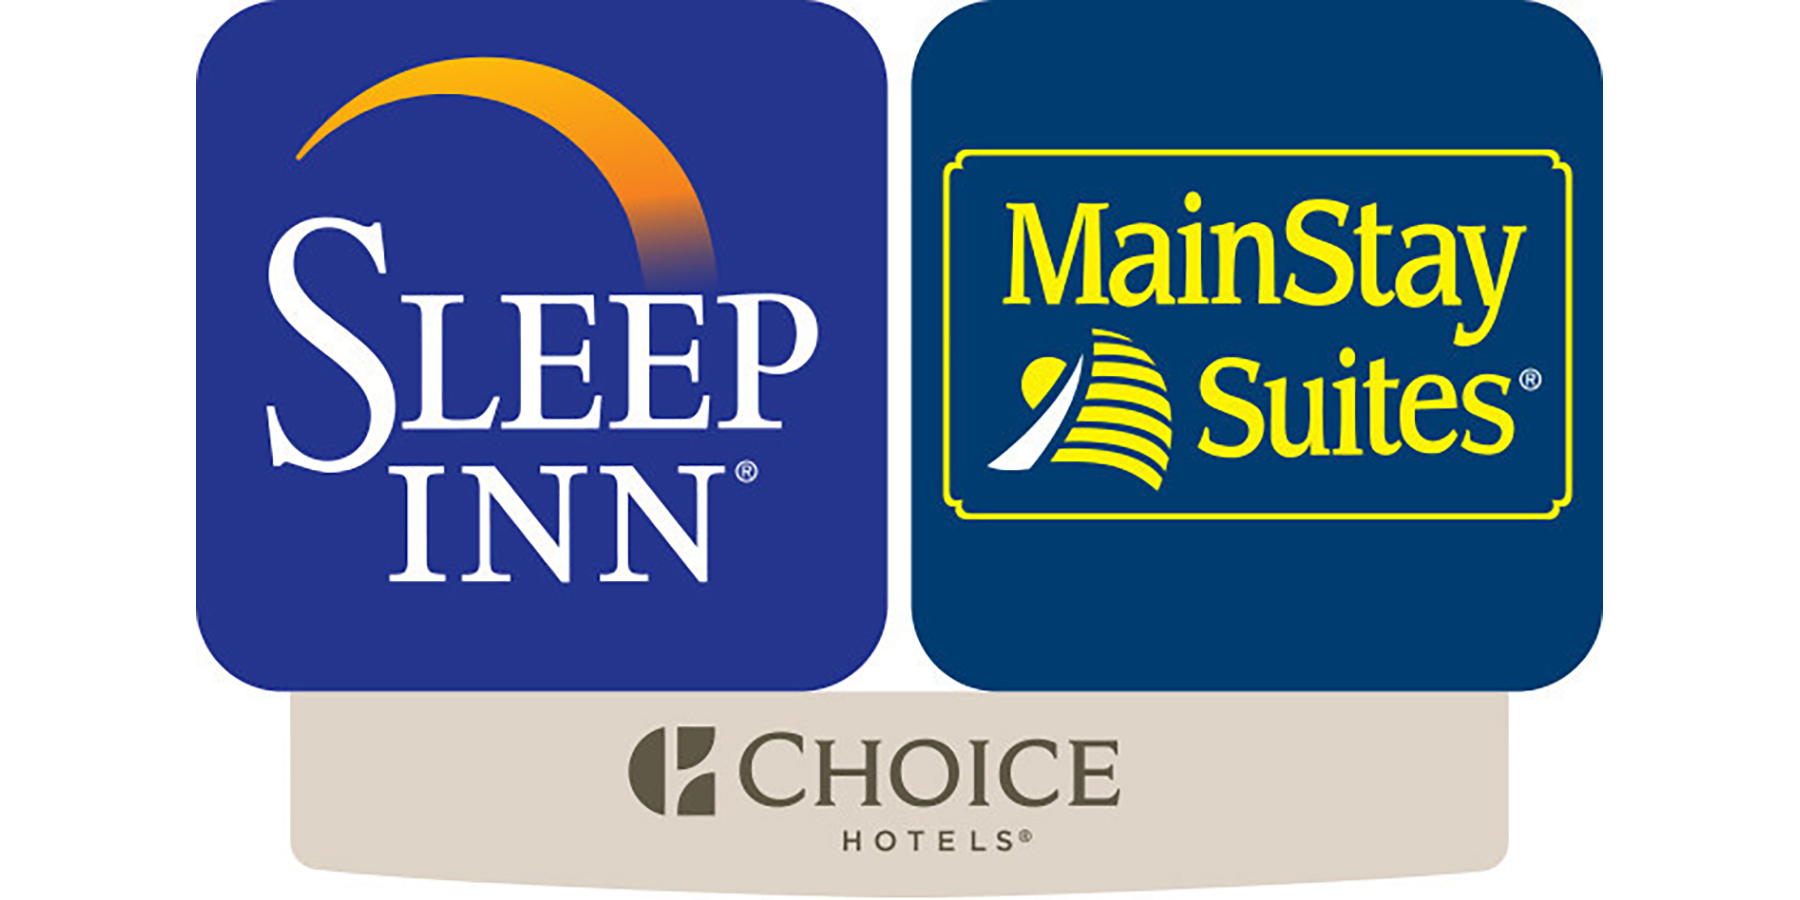 Sleep Inn: Mainstay